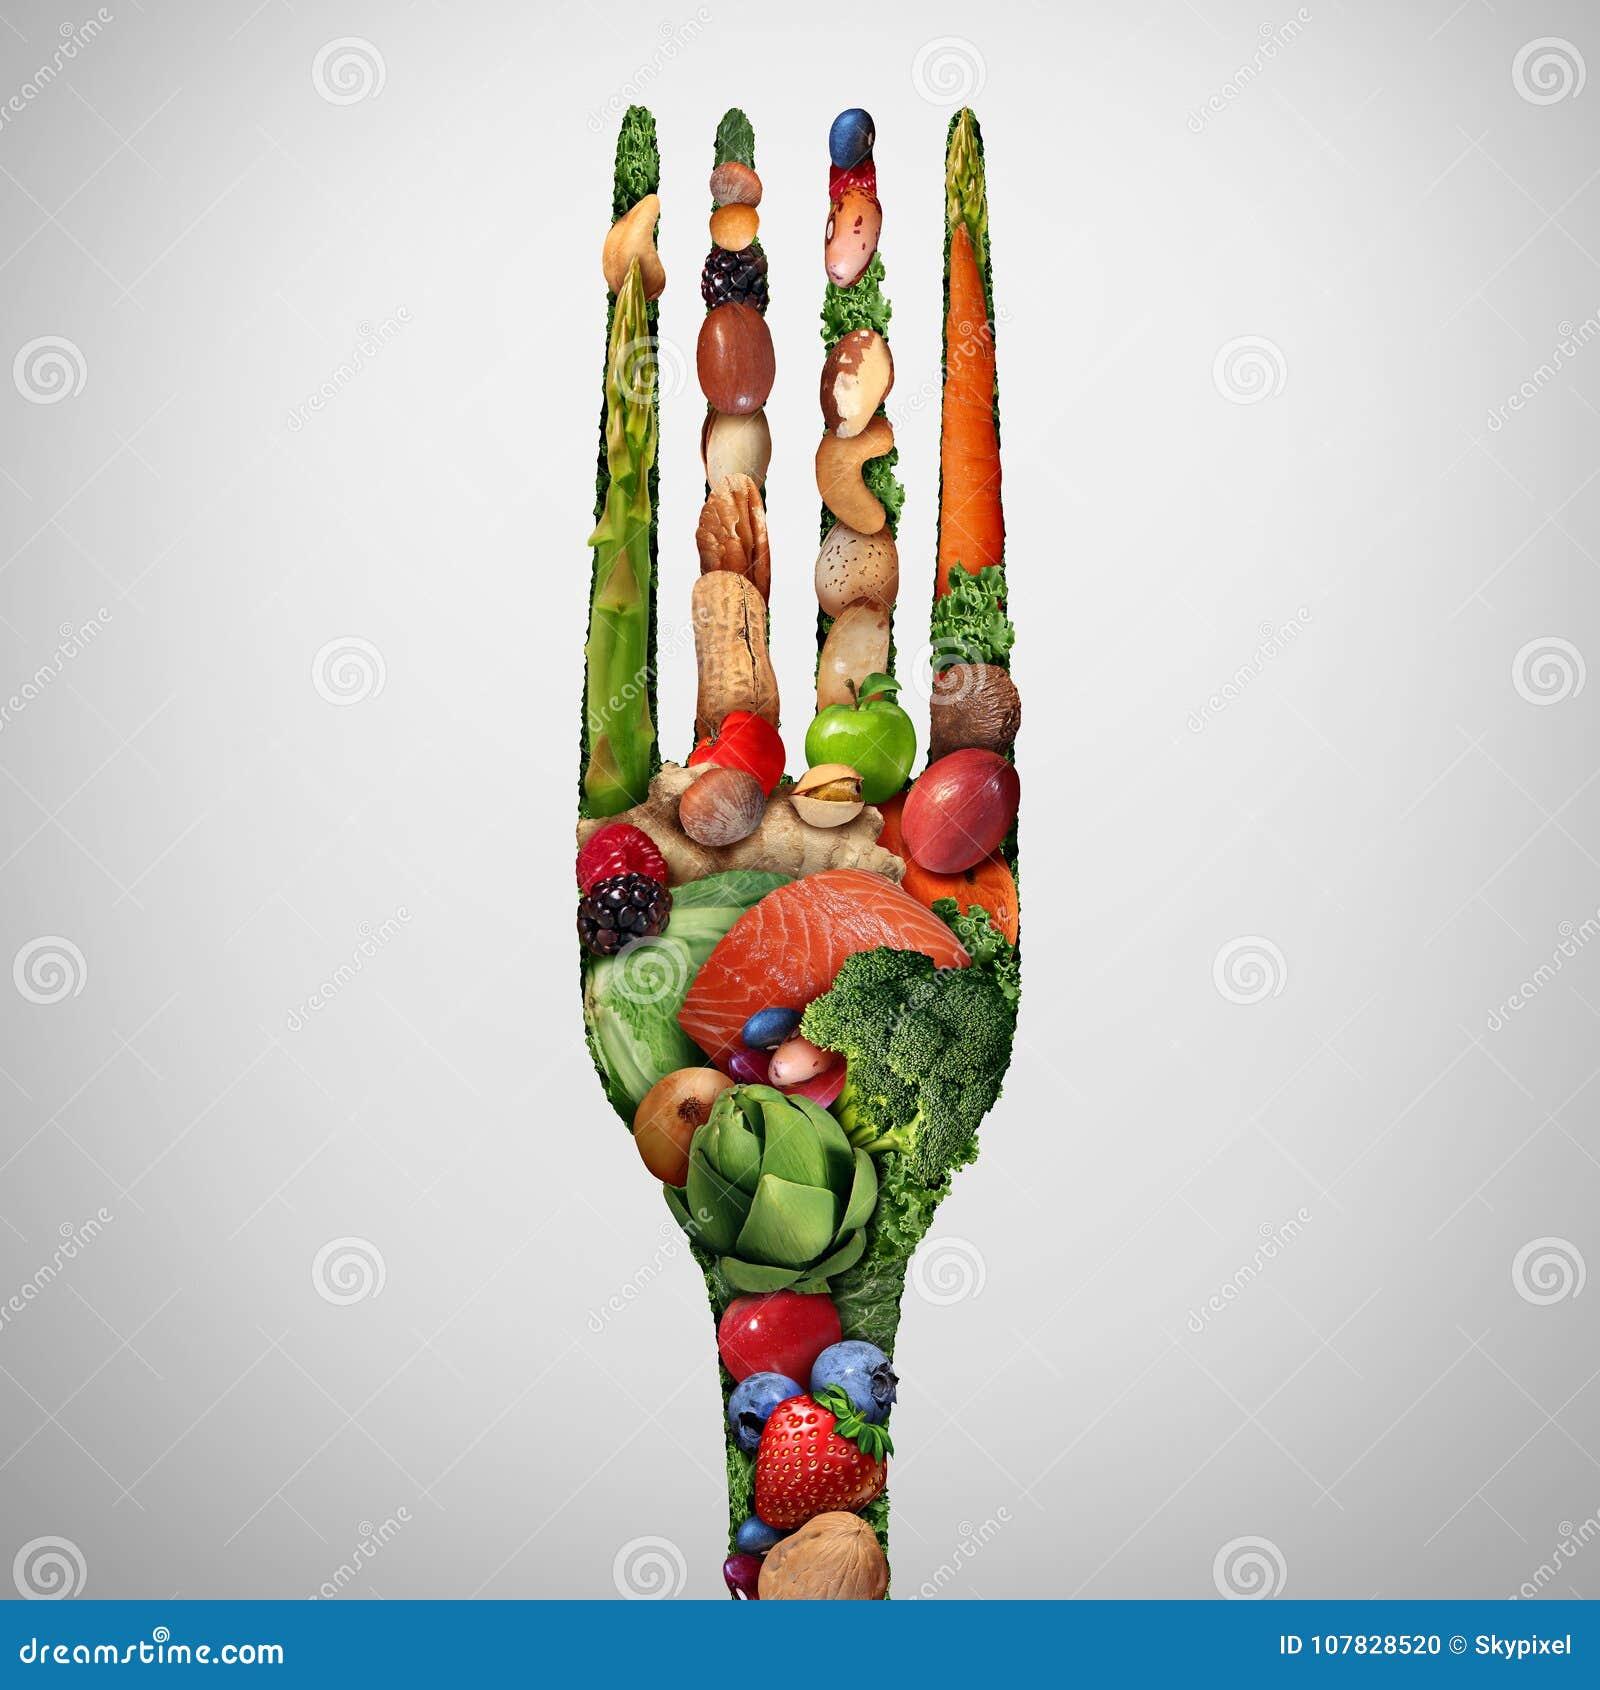 Essen Sie gesunde Nahrung